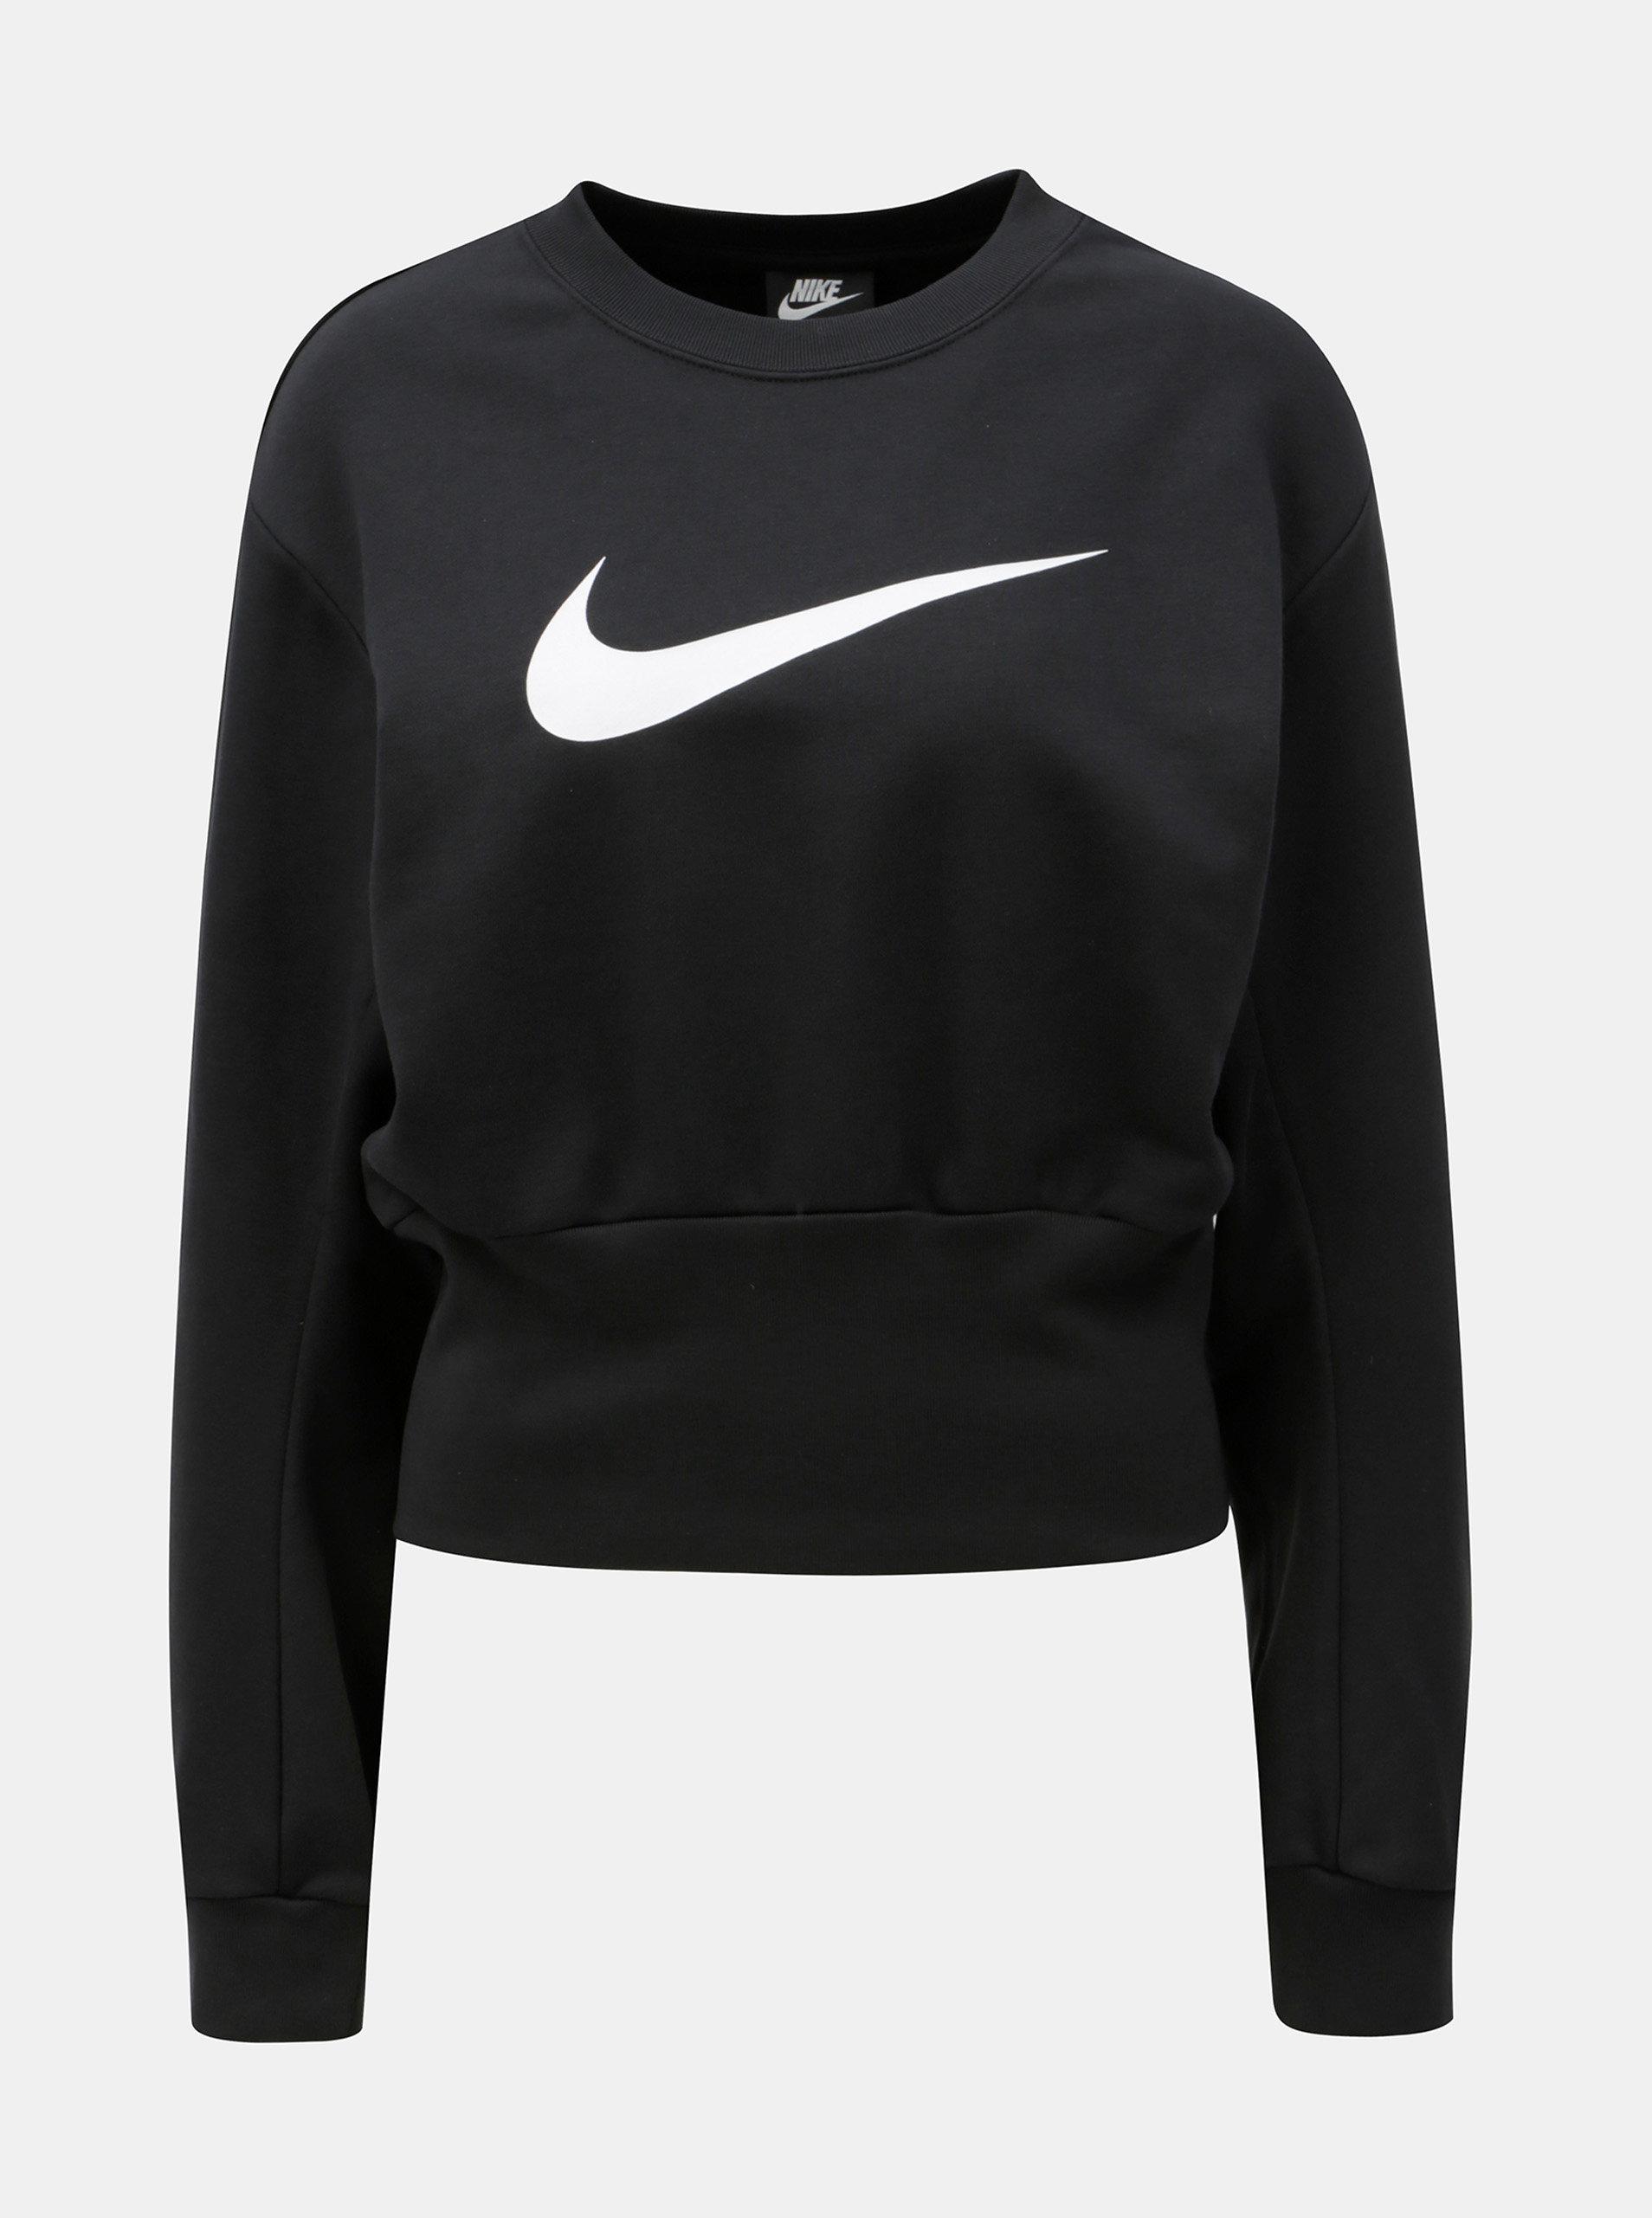 358888f38659 Čierna dámska voľná skrátená mikina s potlačou Nike Crew ...